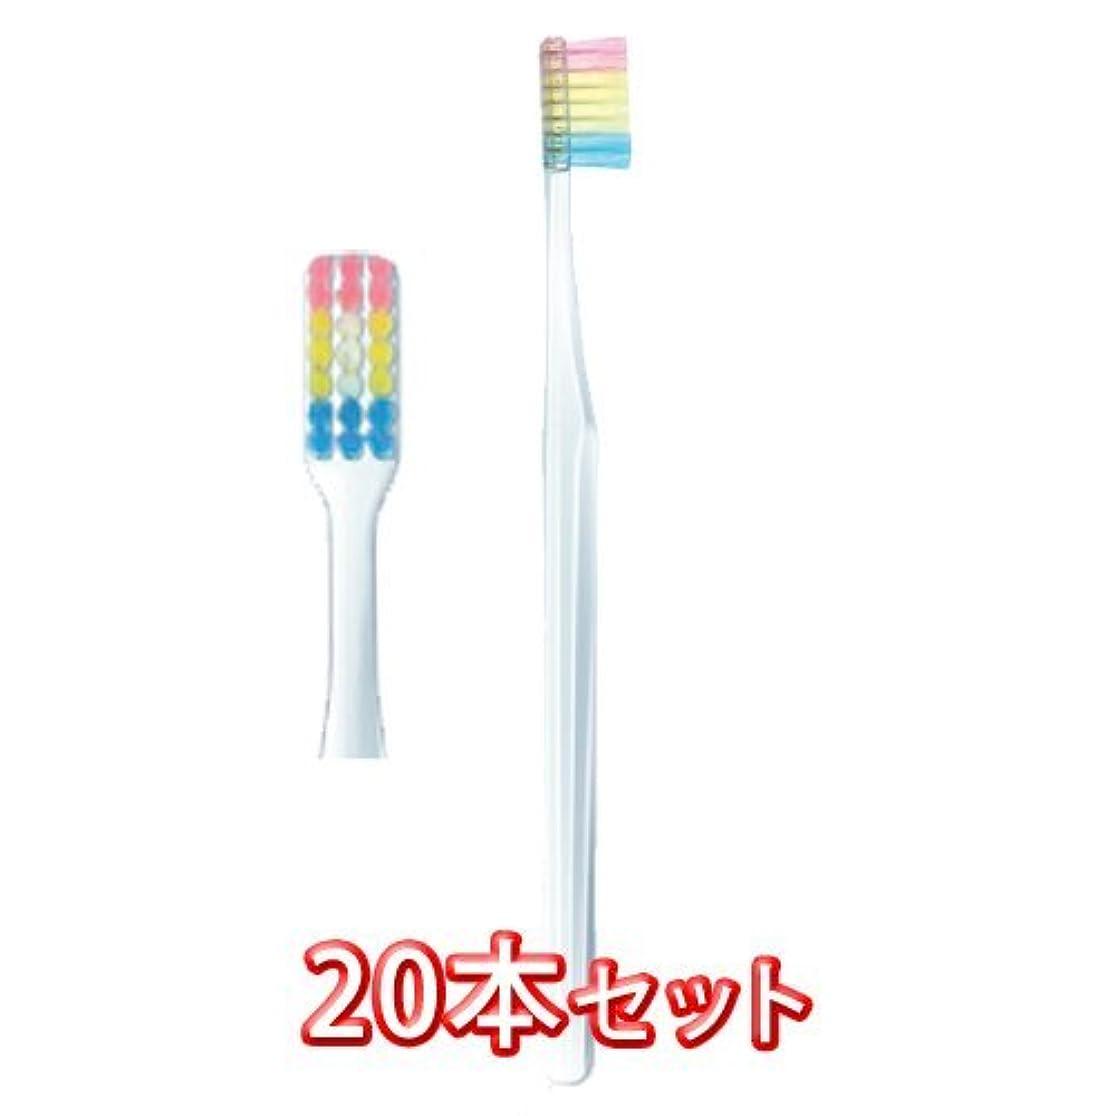 ホット織機従順プロスペック 歯ブラシ ヤング 20本入 フォーレッスン 毛の硬さふつう